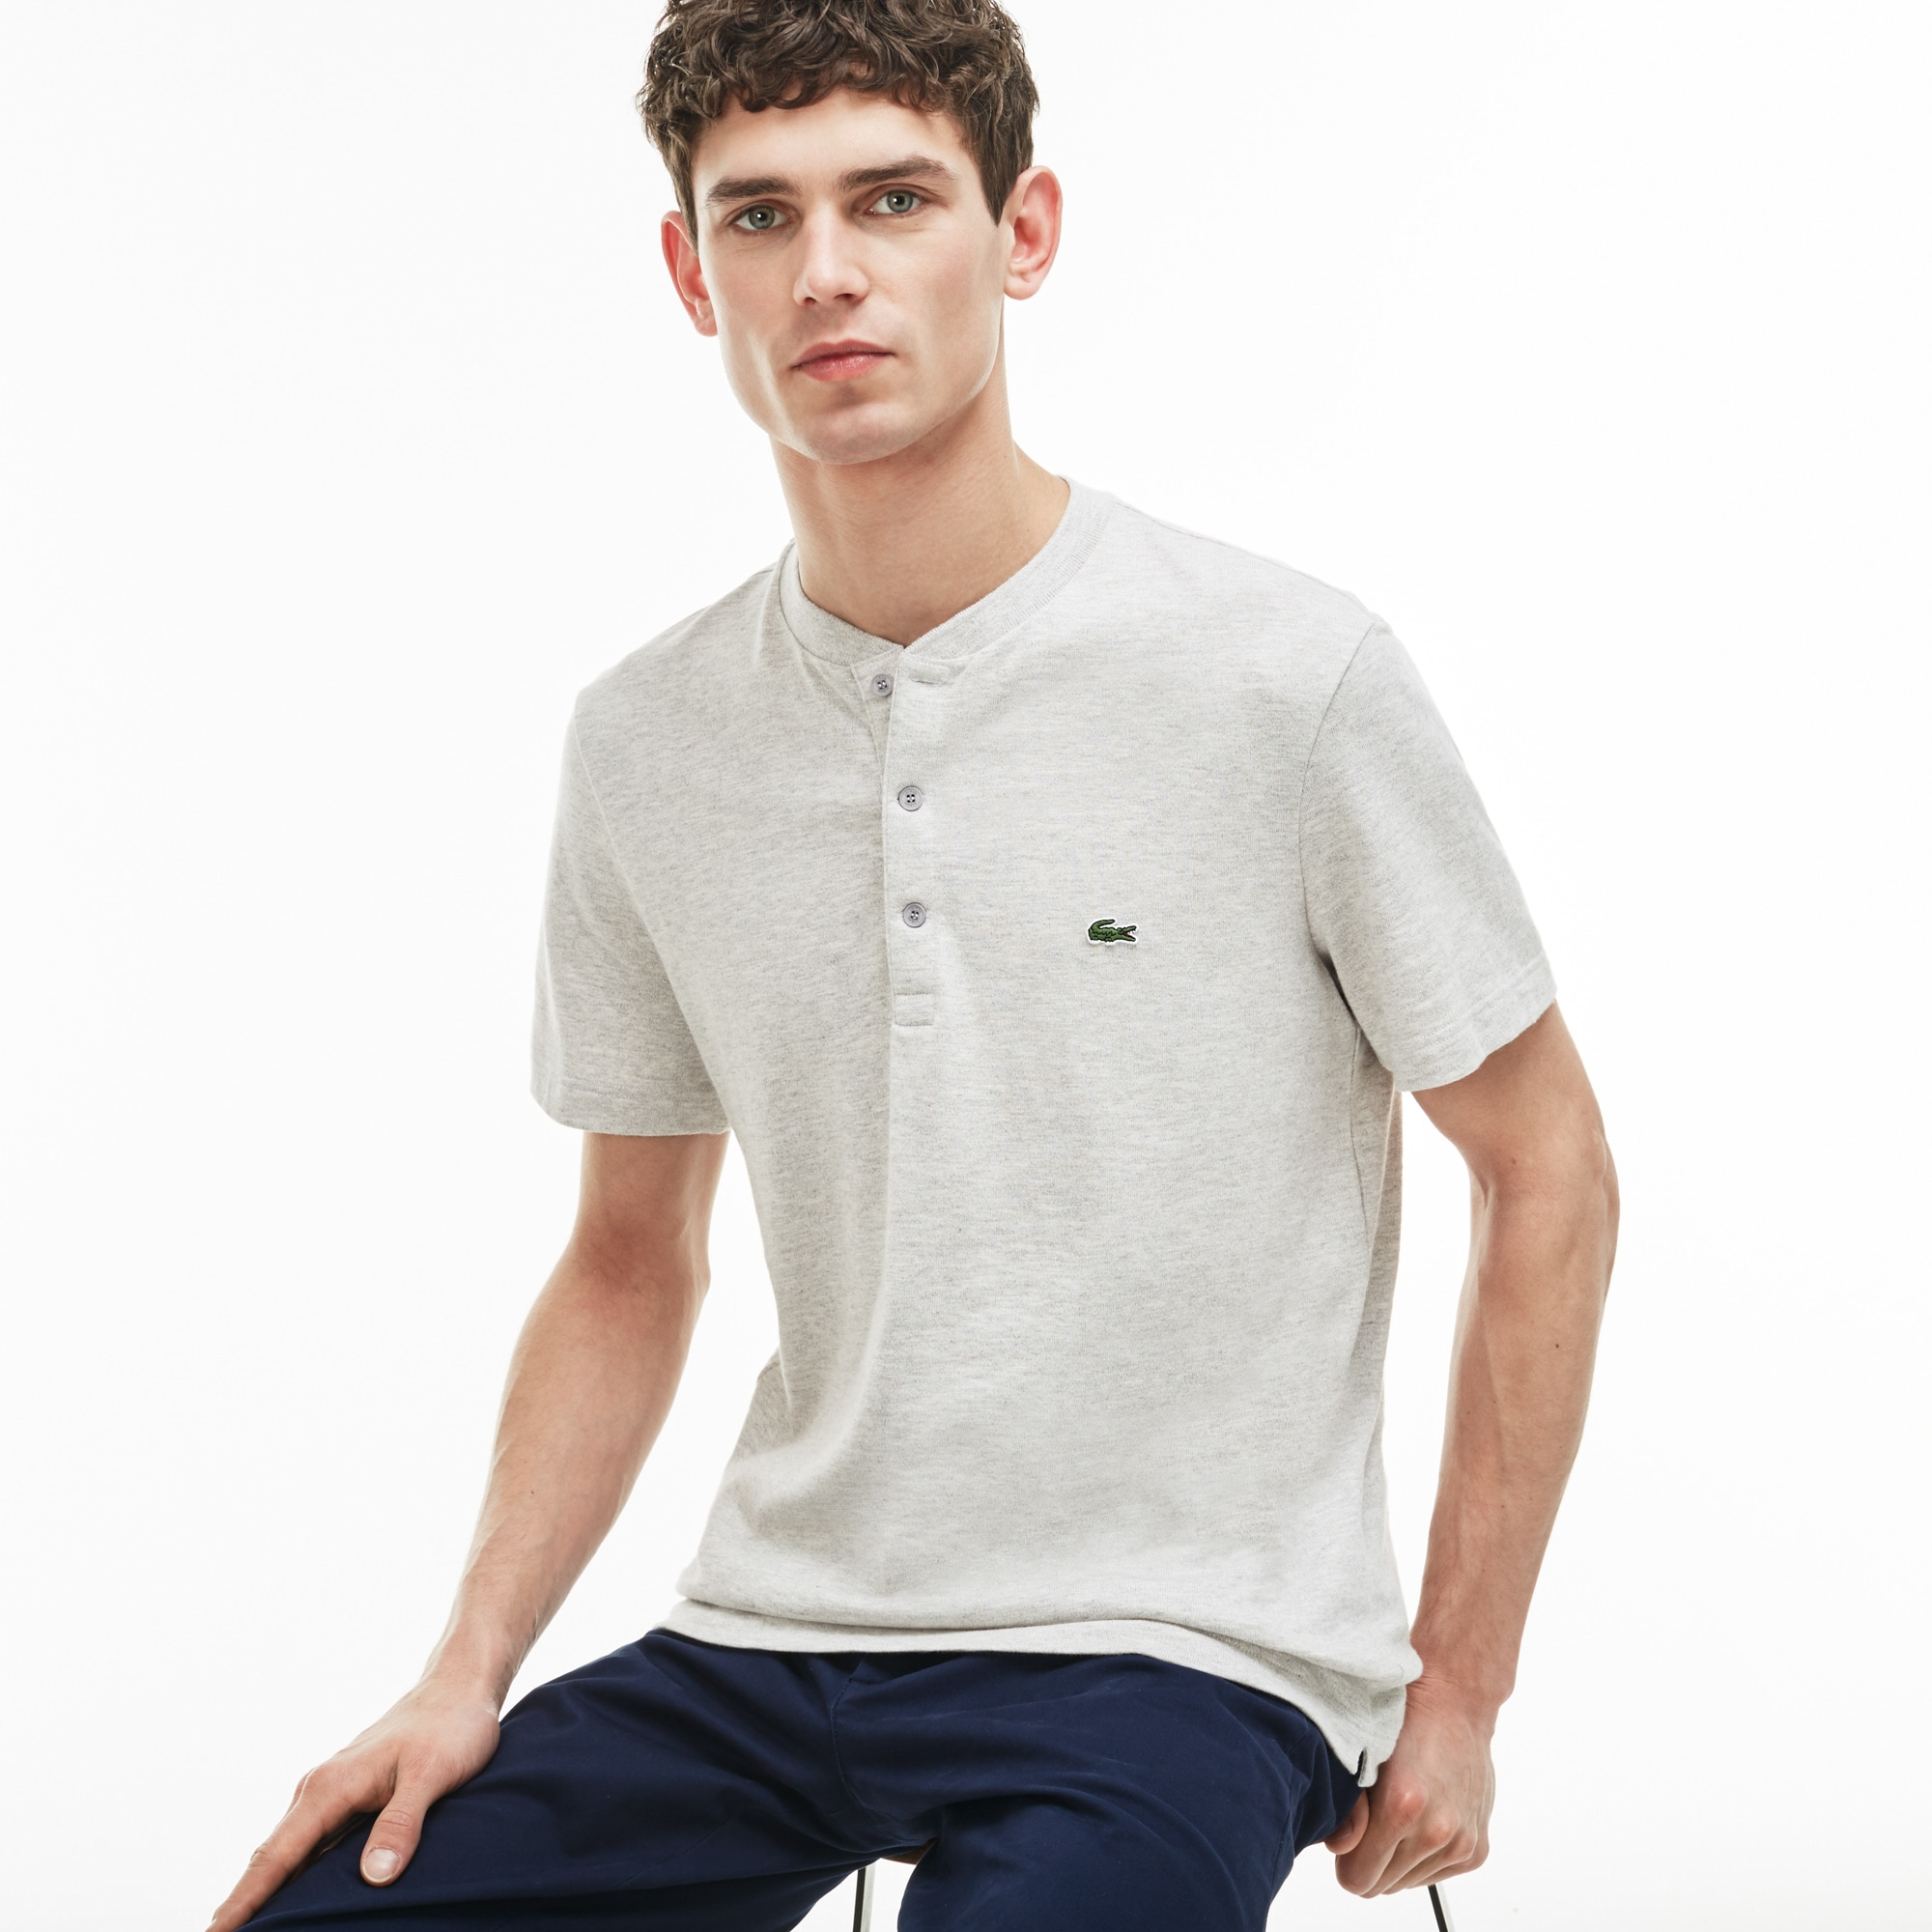 Men's Buttoned Jersey T-shirt